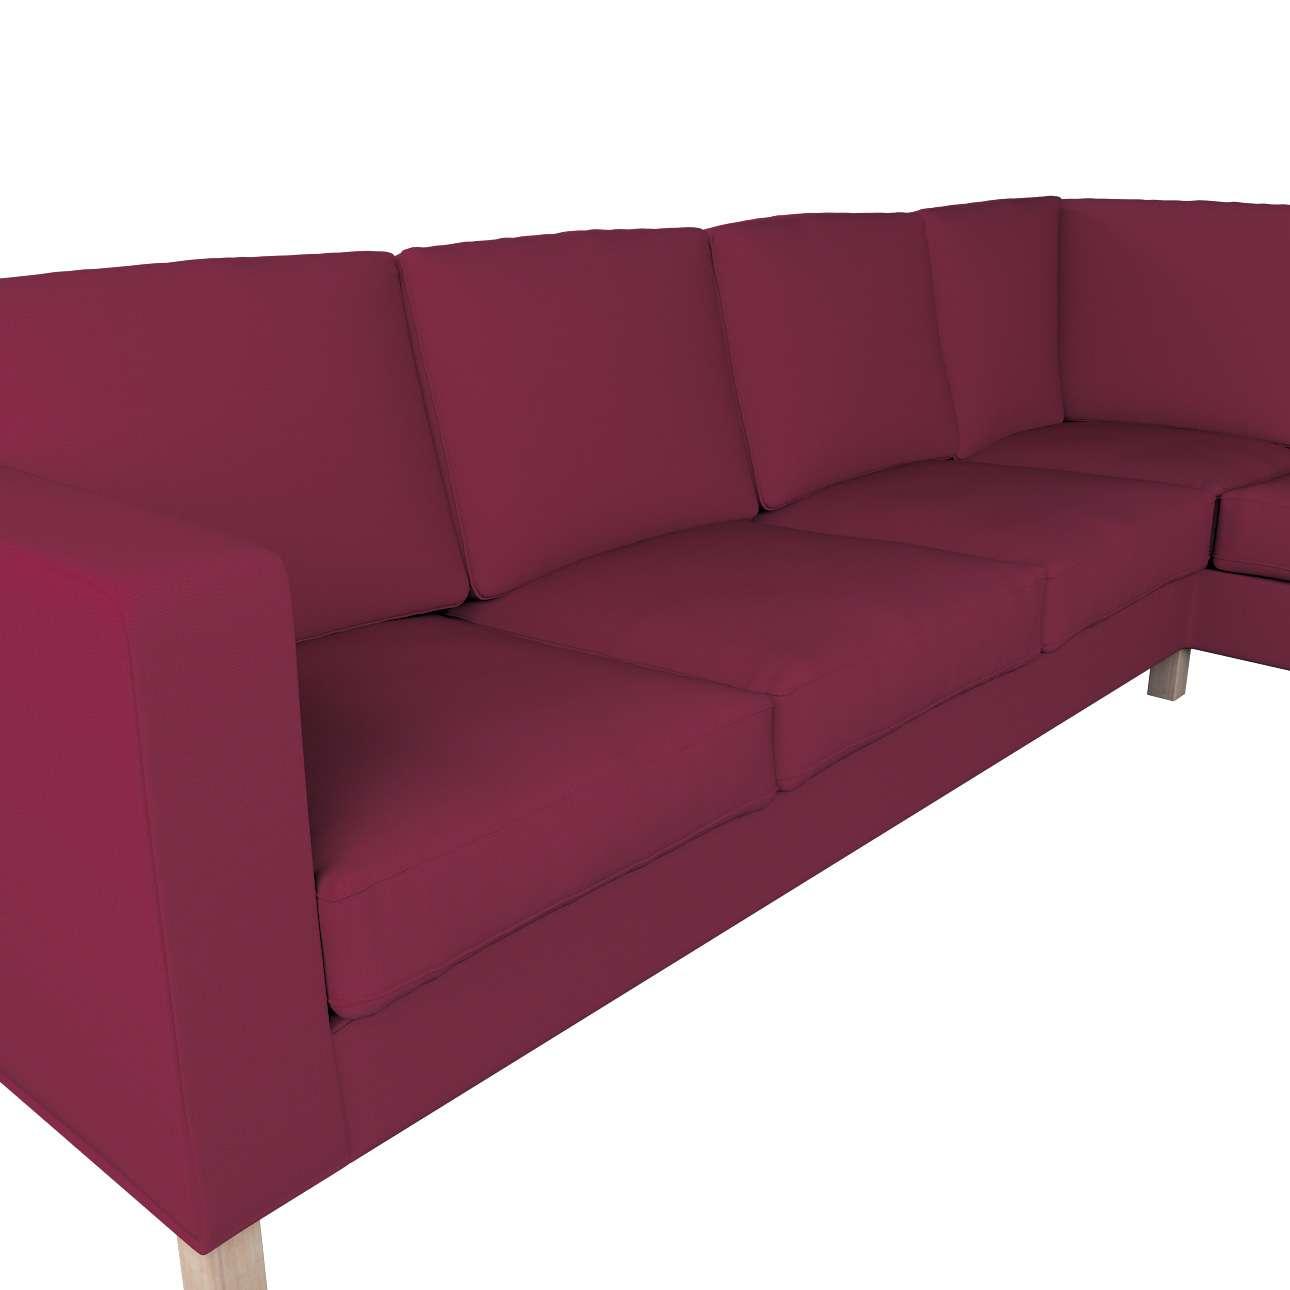 Pokrowiec na sofę narożną lewostronną Karlanda w kolekcji Cotton Panama, tkanina: 702-32